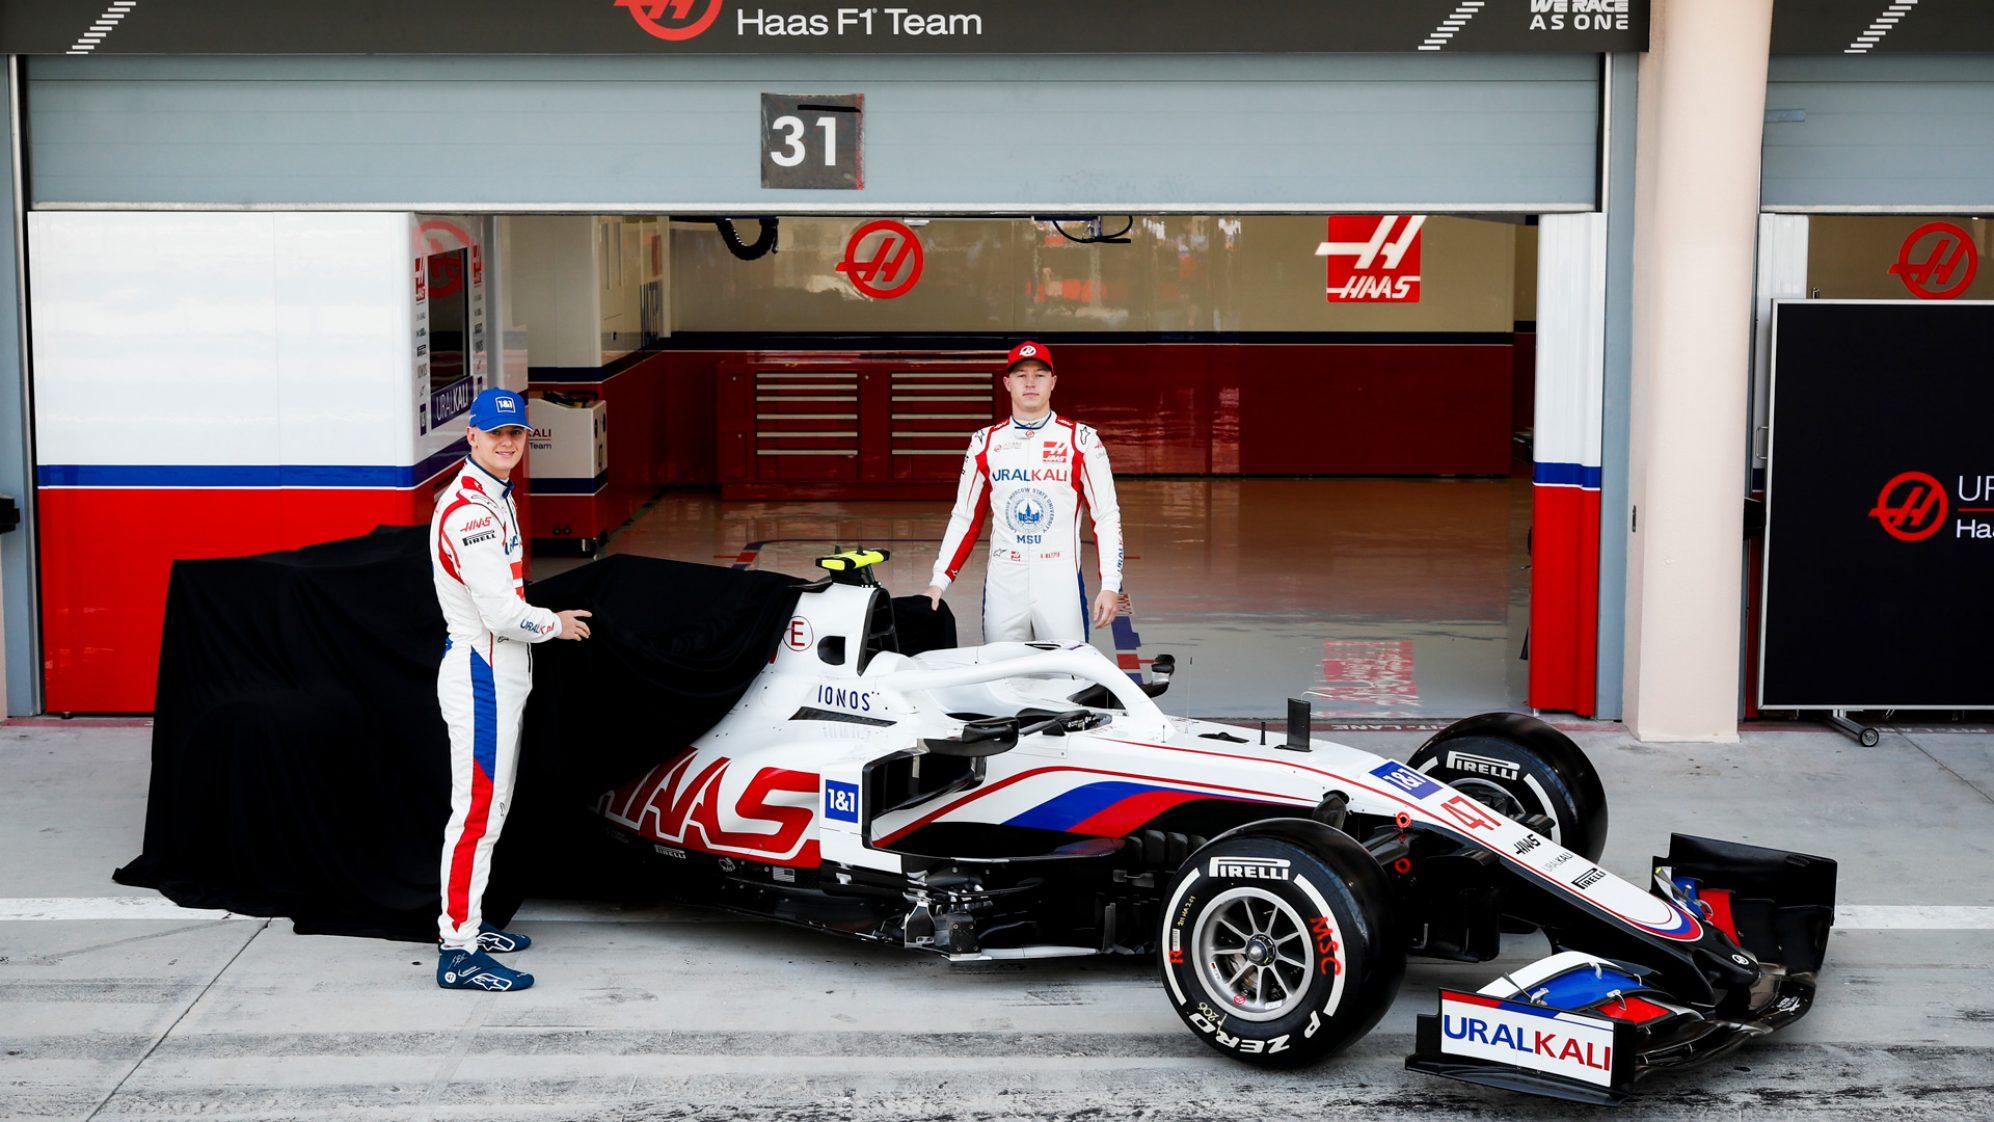 Haas svela ufficialmente la monoposto 2021 di F1, la VF-21